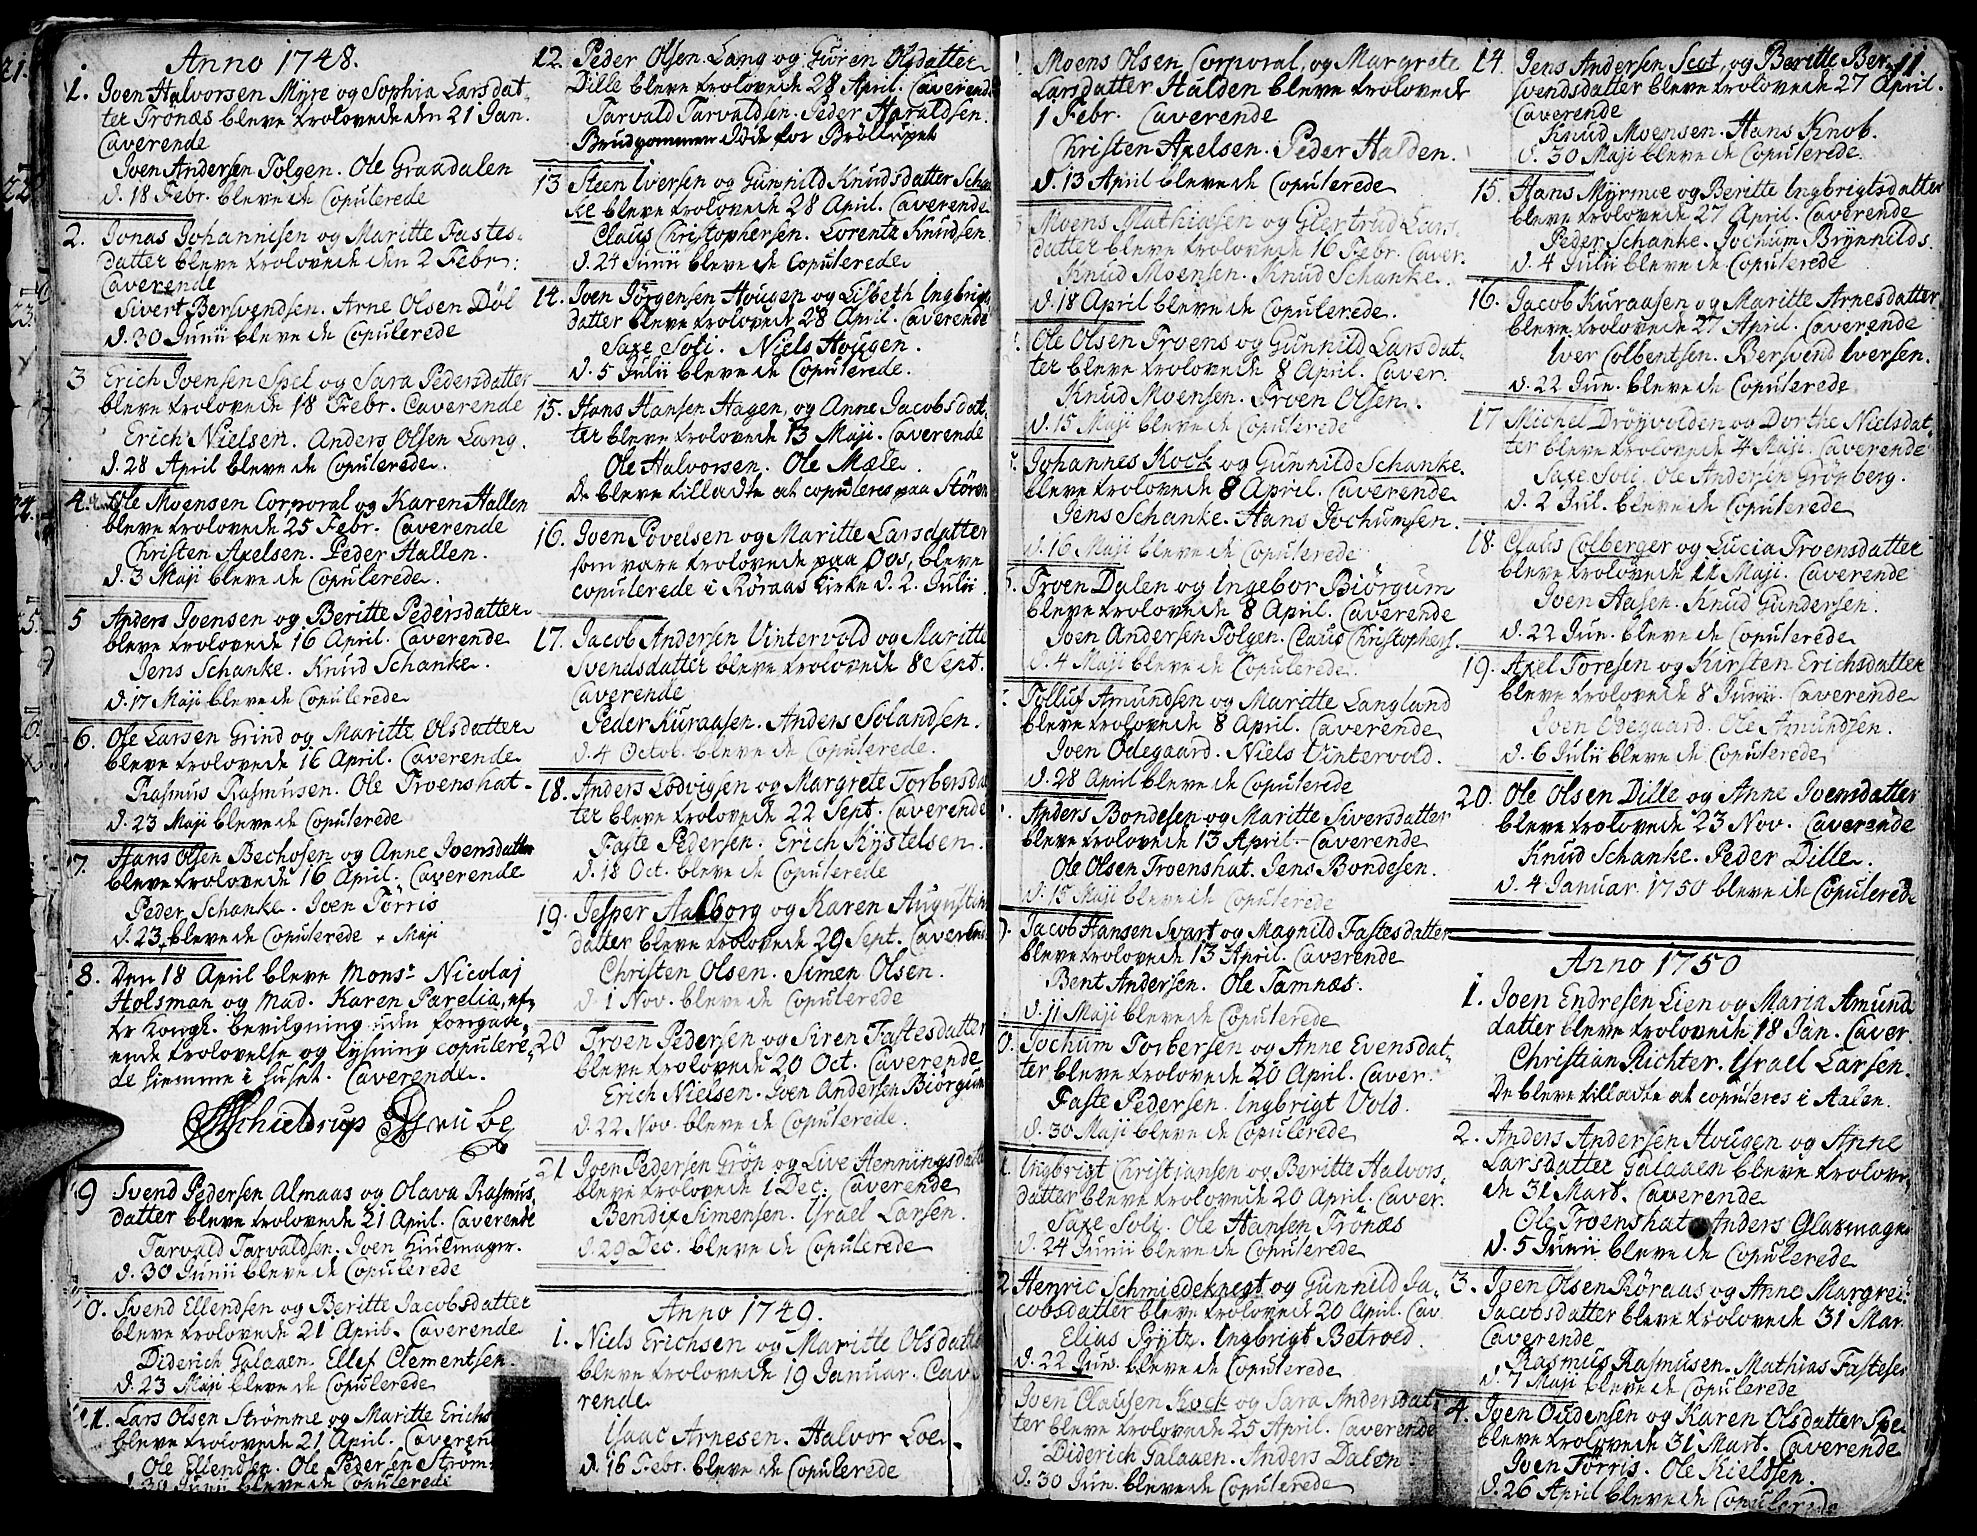 SAT, Ministerialprotokoller, klokkerbøker og fødselsregistre - Sør-Trøndelag, 681/L0925: Ministerialbok nr. 681A03, 1727-1766, s. 11